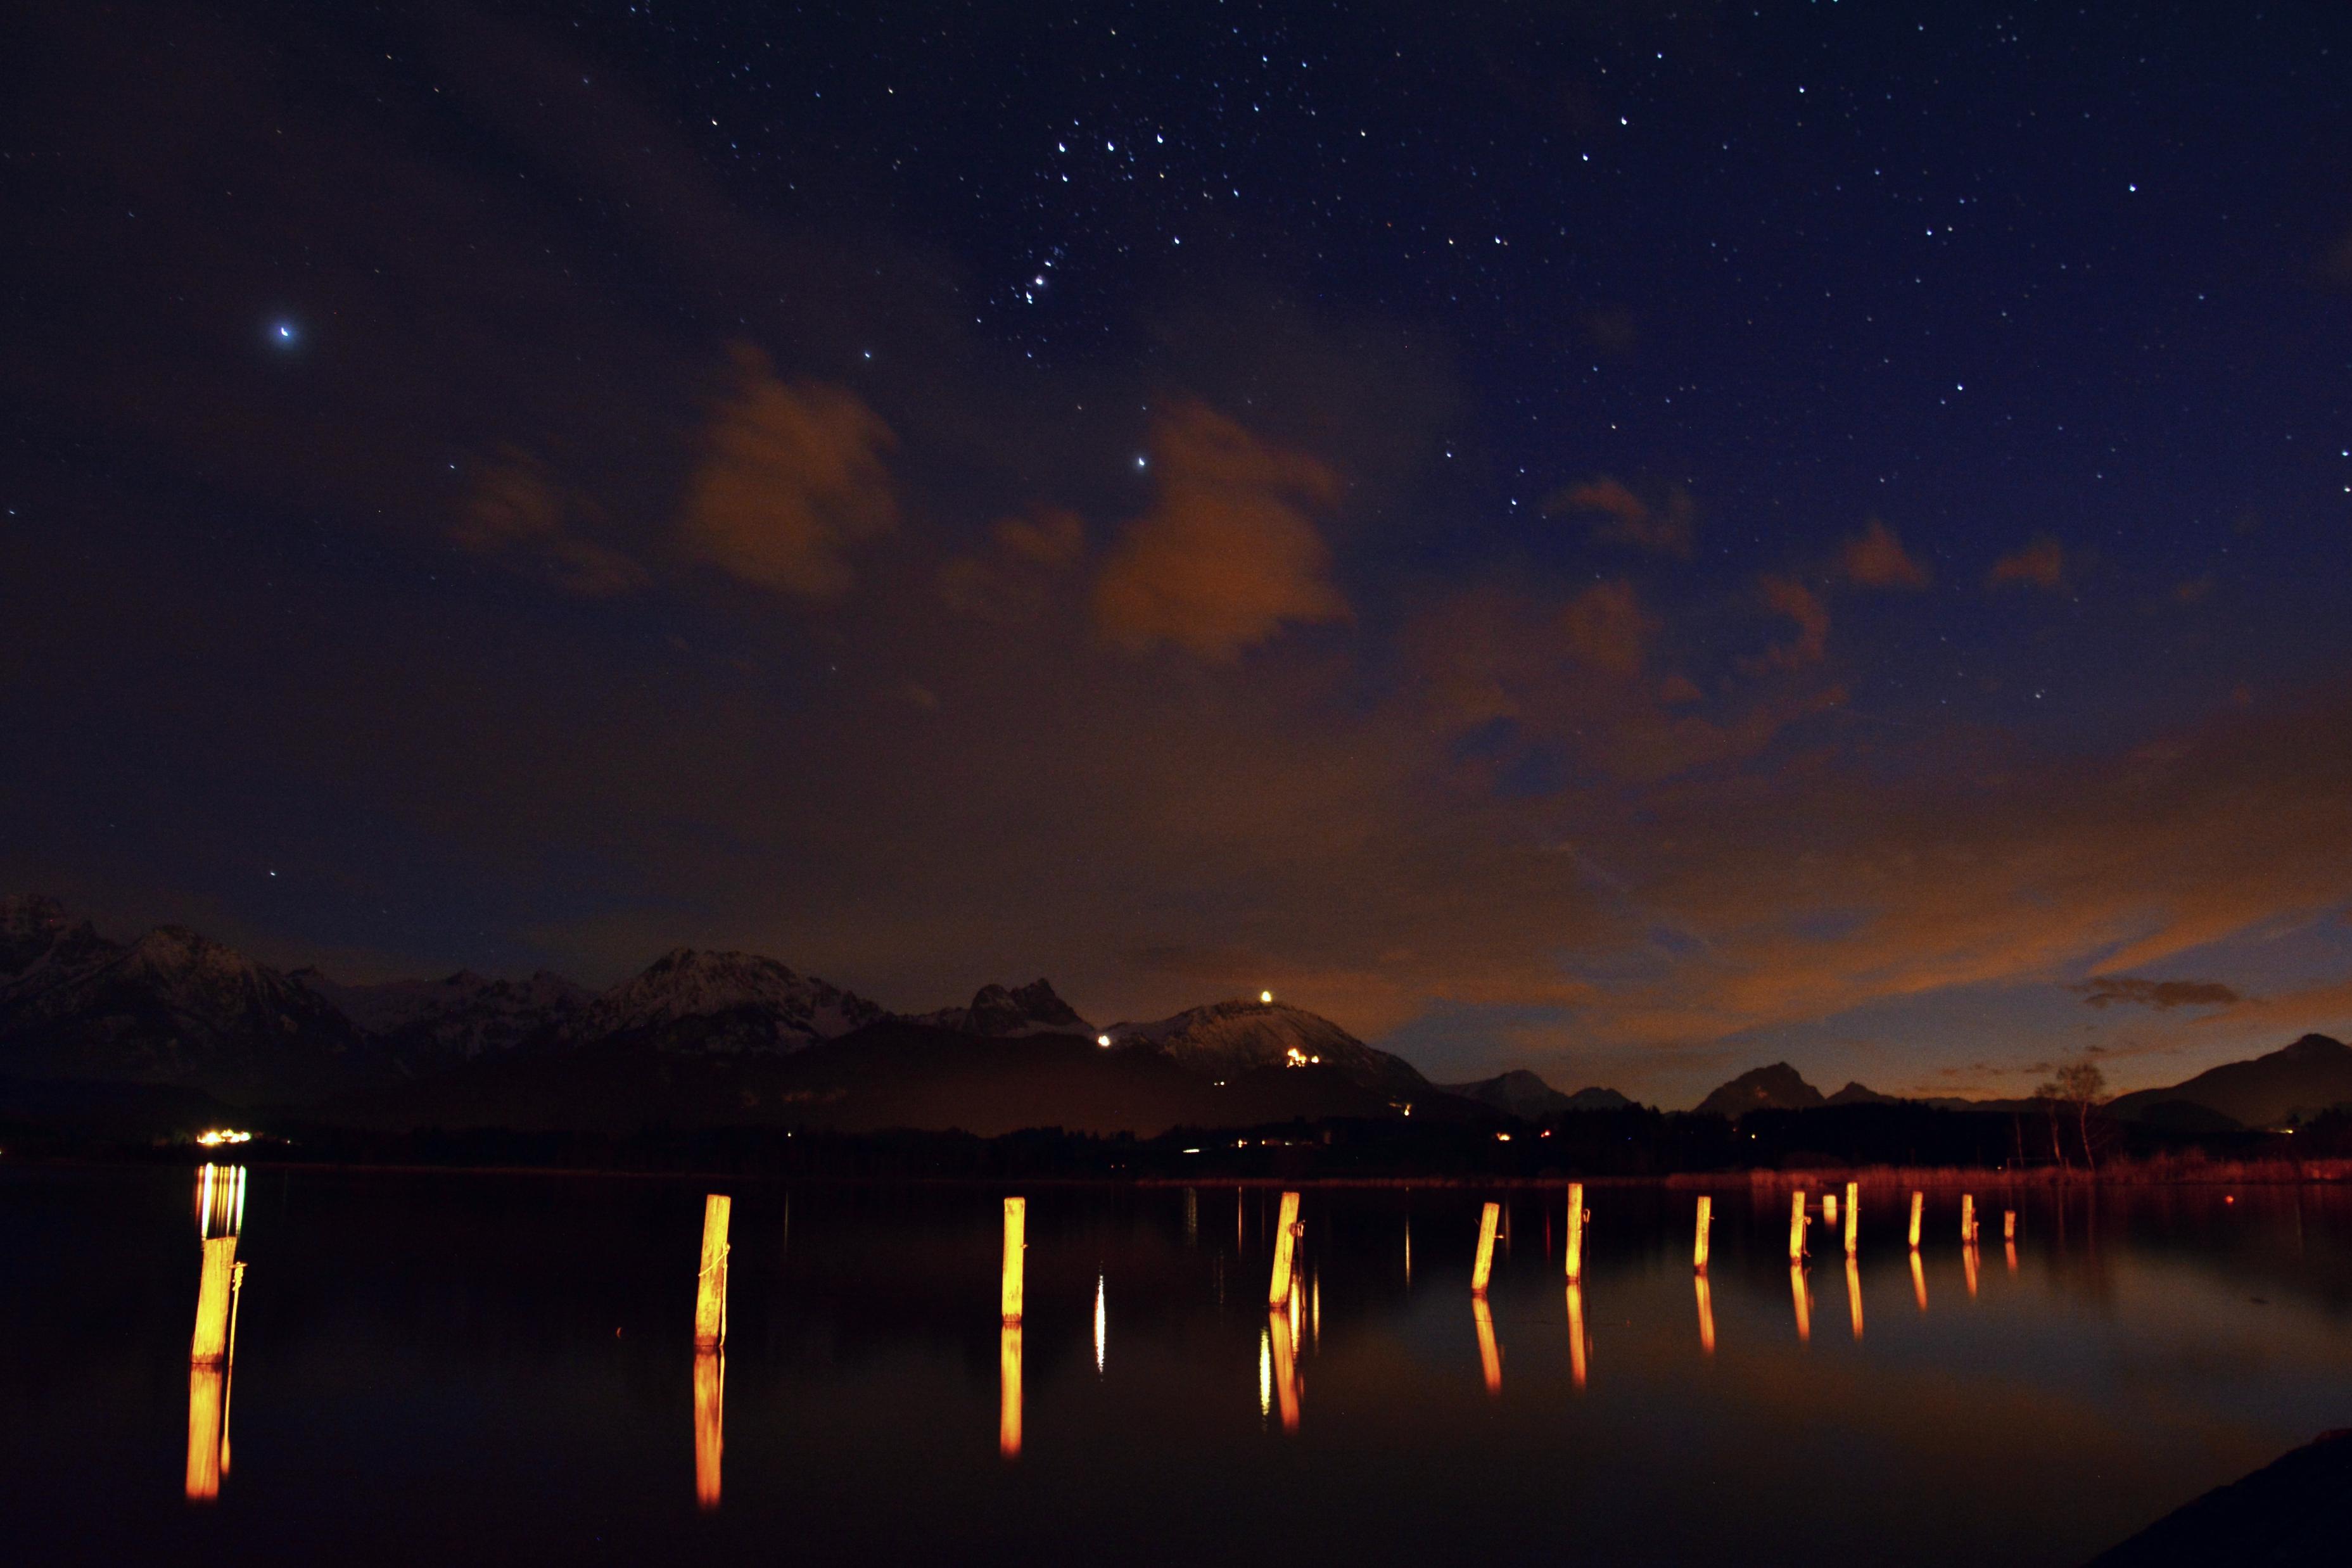 G0260 Hopfensee Nacht.jpg